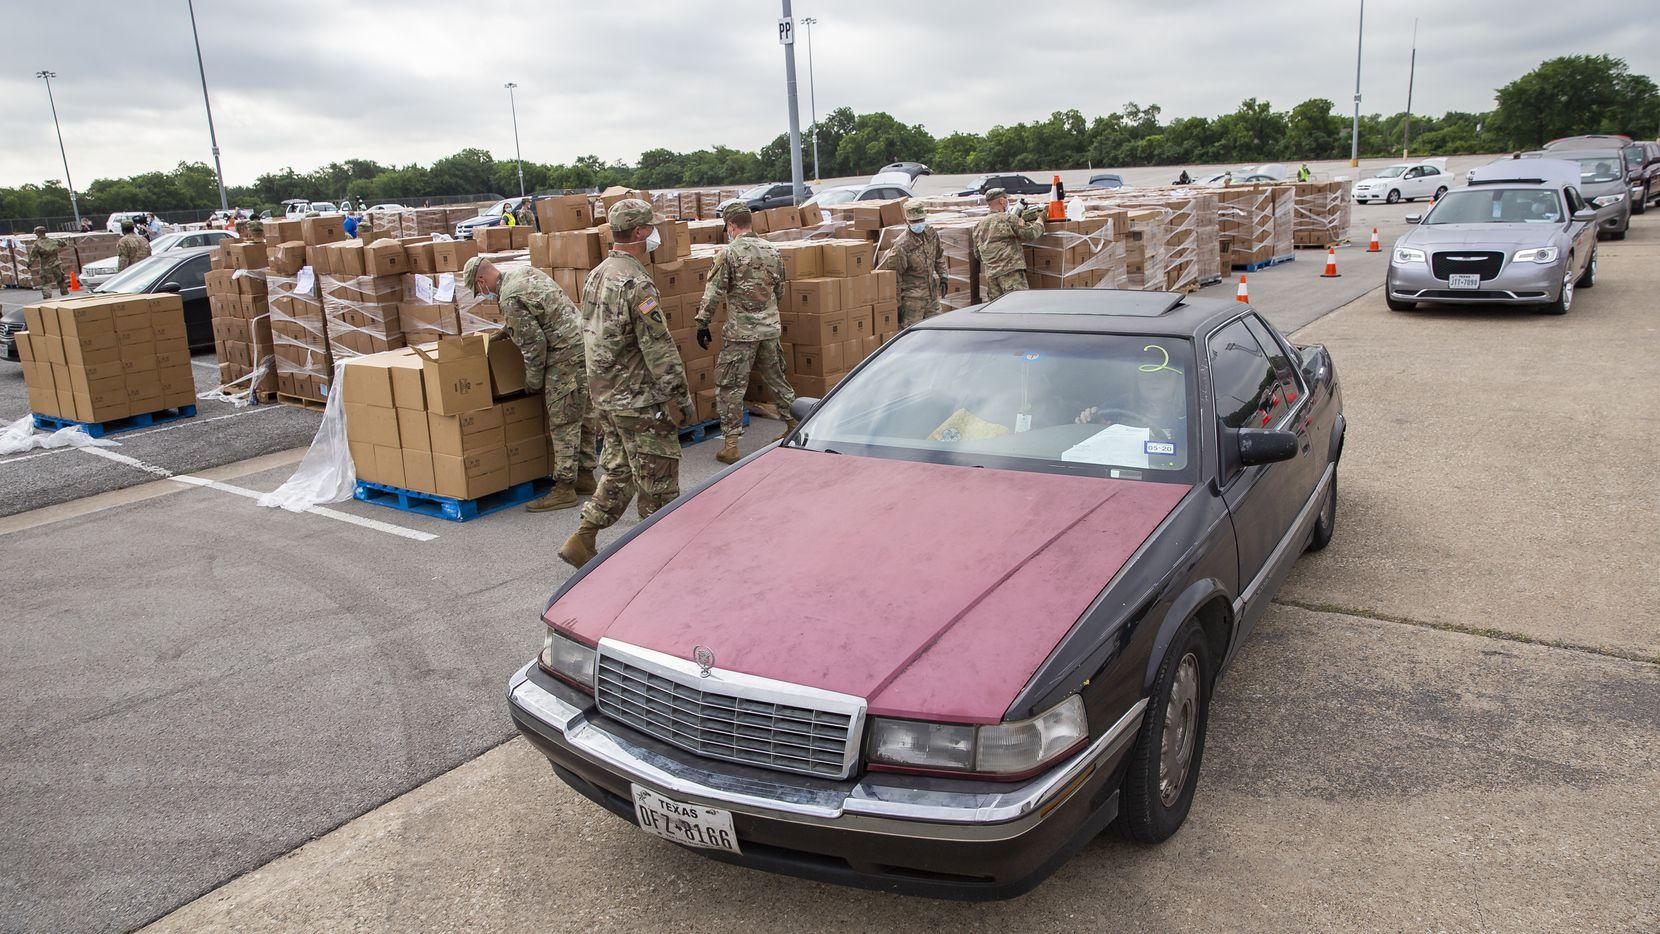 Cajas con alimentos serán repartidos de 8 a 11 a.m. en diferentes sitios en Dallas por el North Texas Food Bank.El NTFB estará en North Lake College y otros colegios comunitarios.